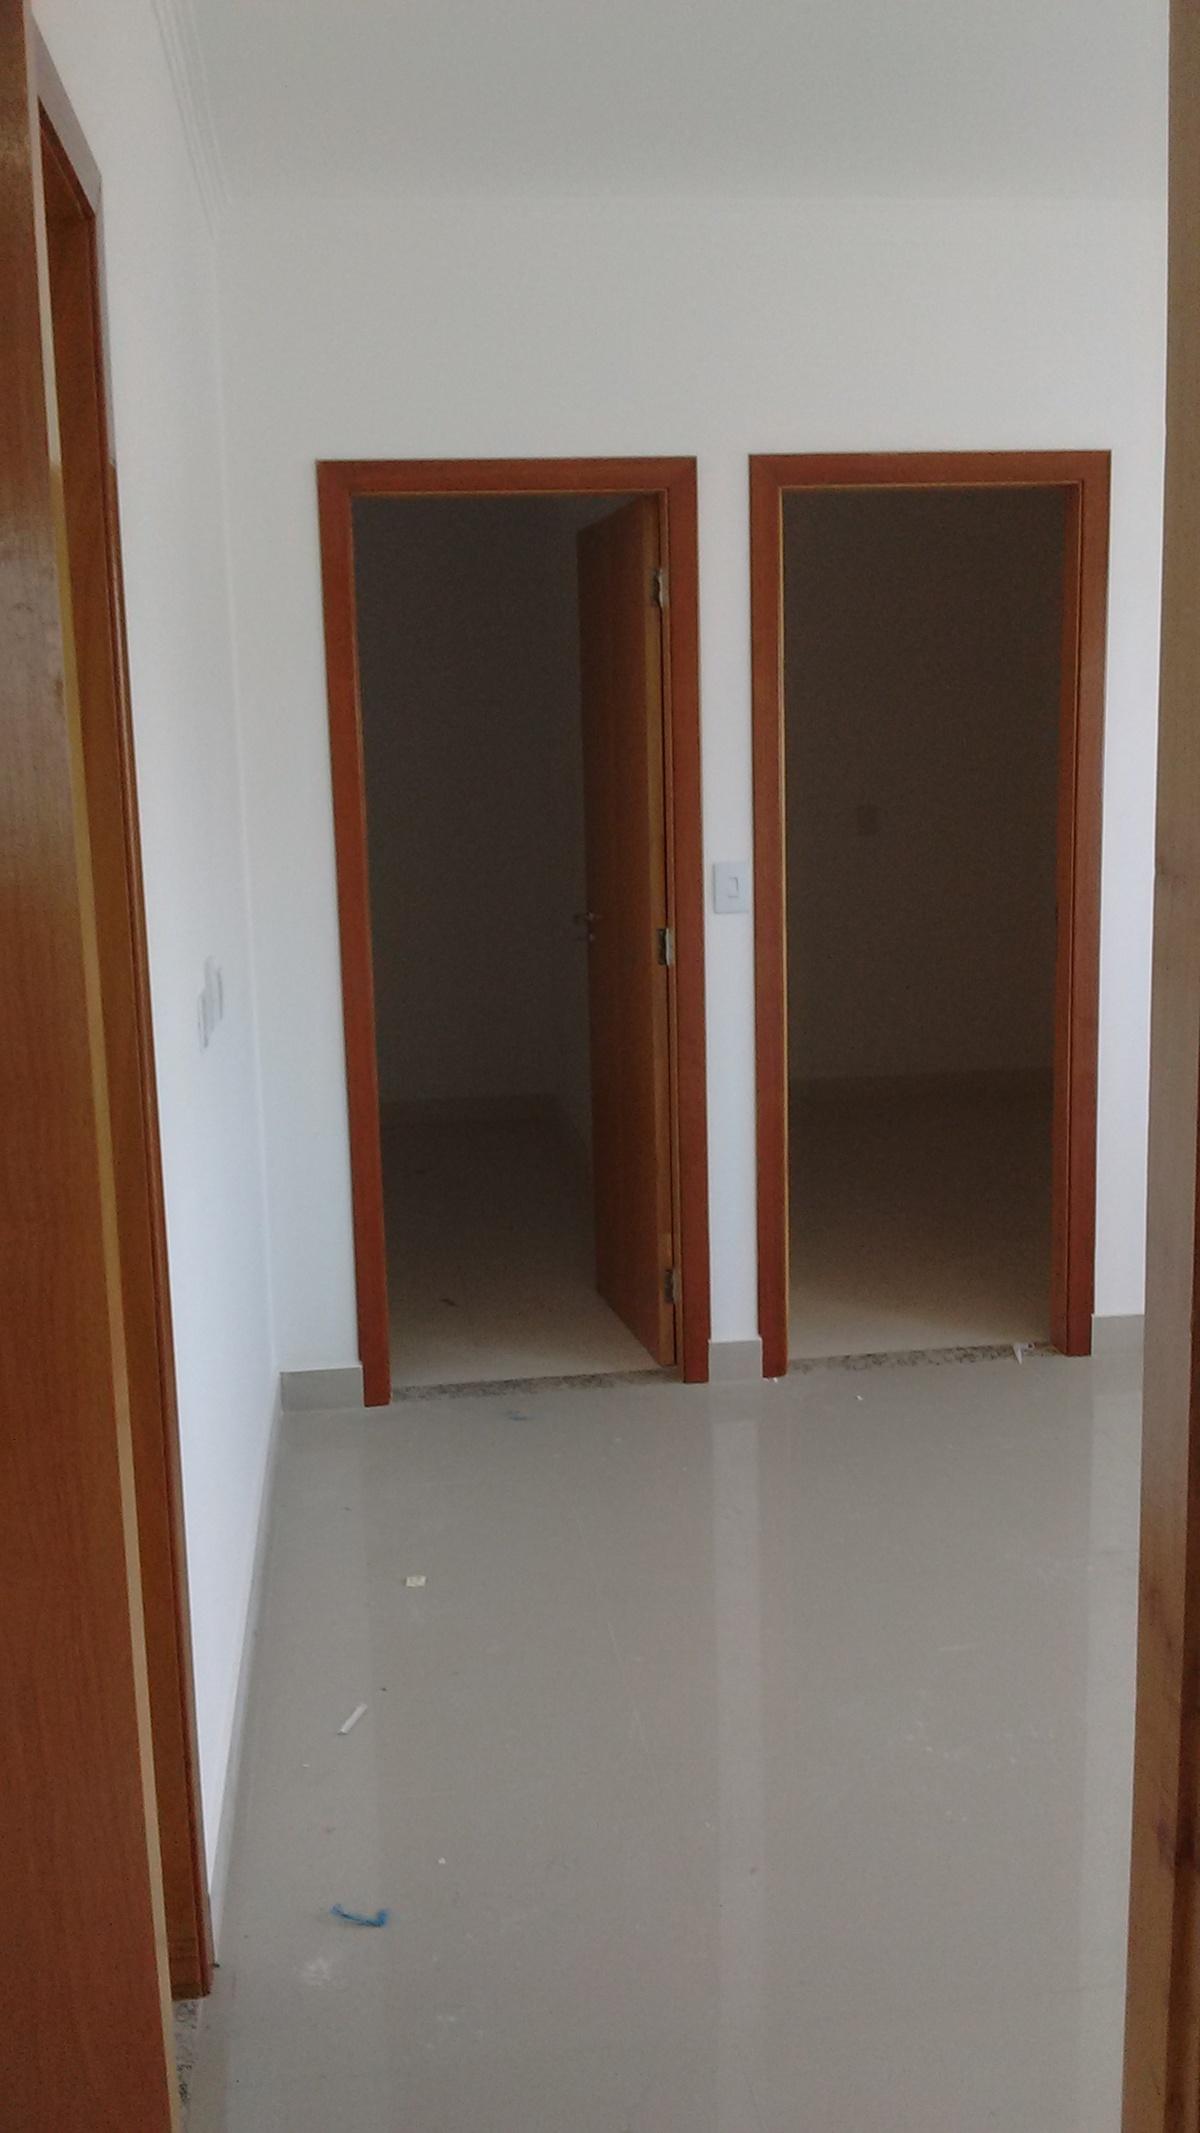 19 de 21: Banheiro a Esquerda, Dorm. no meio e Dormitório a Direita